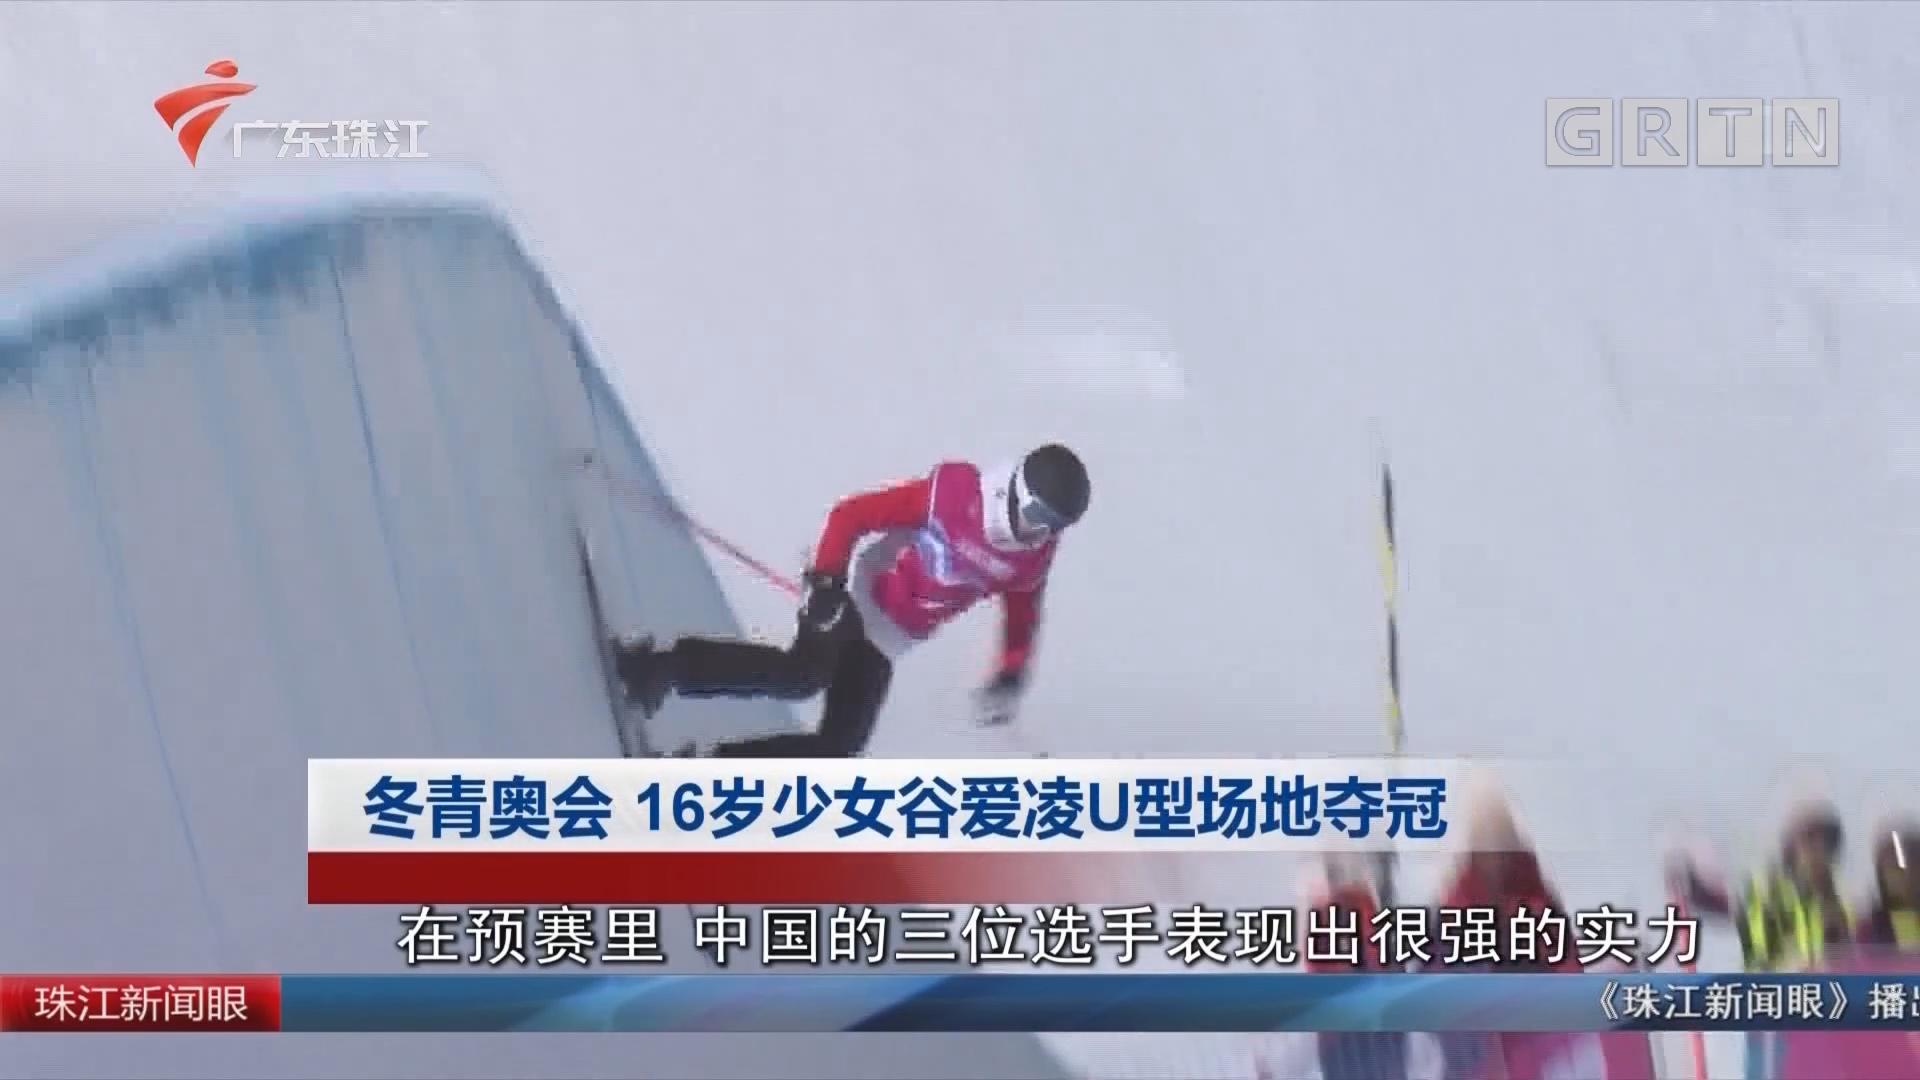 冬青奧會 16歲少女谷愛凌U型場地奪冠